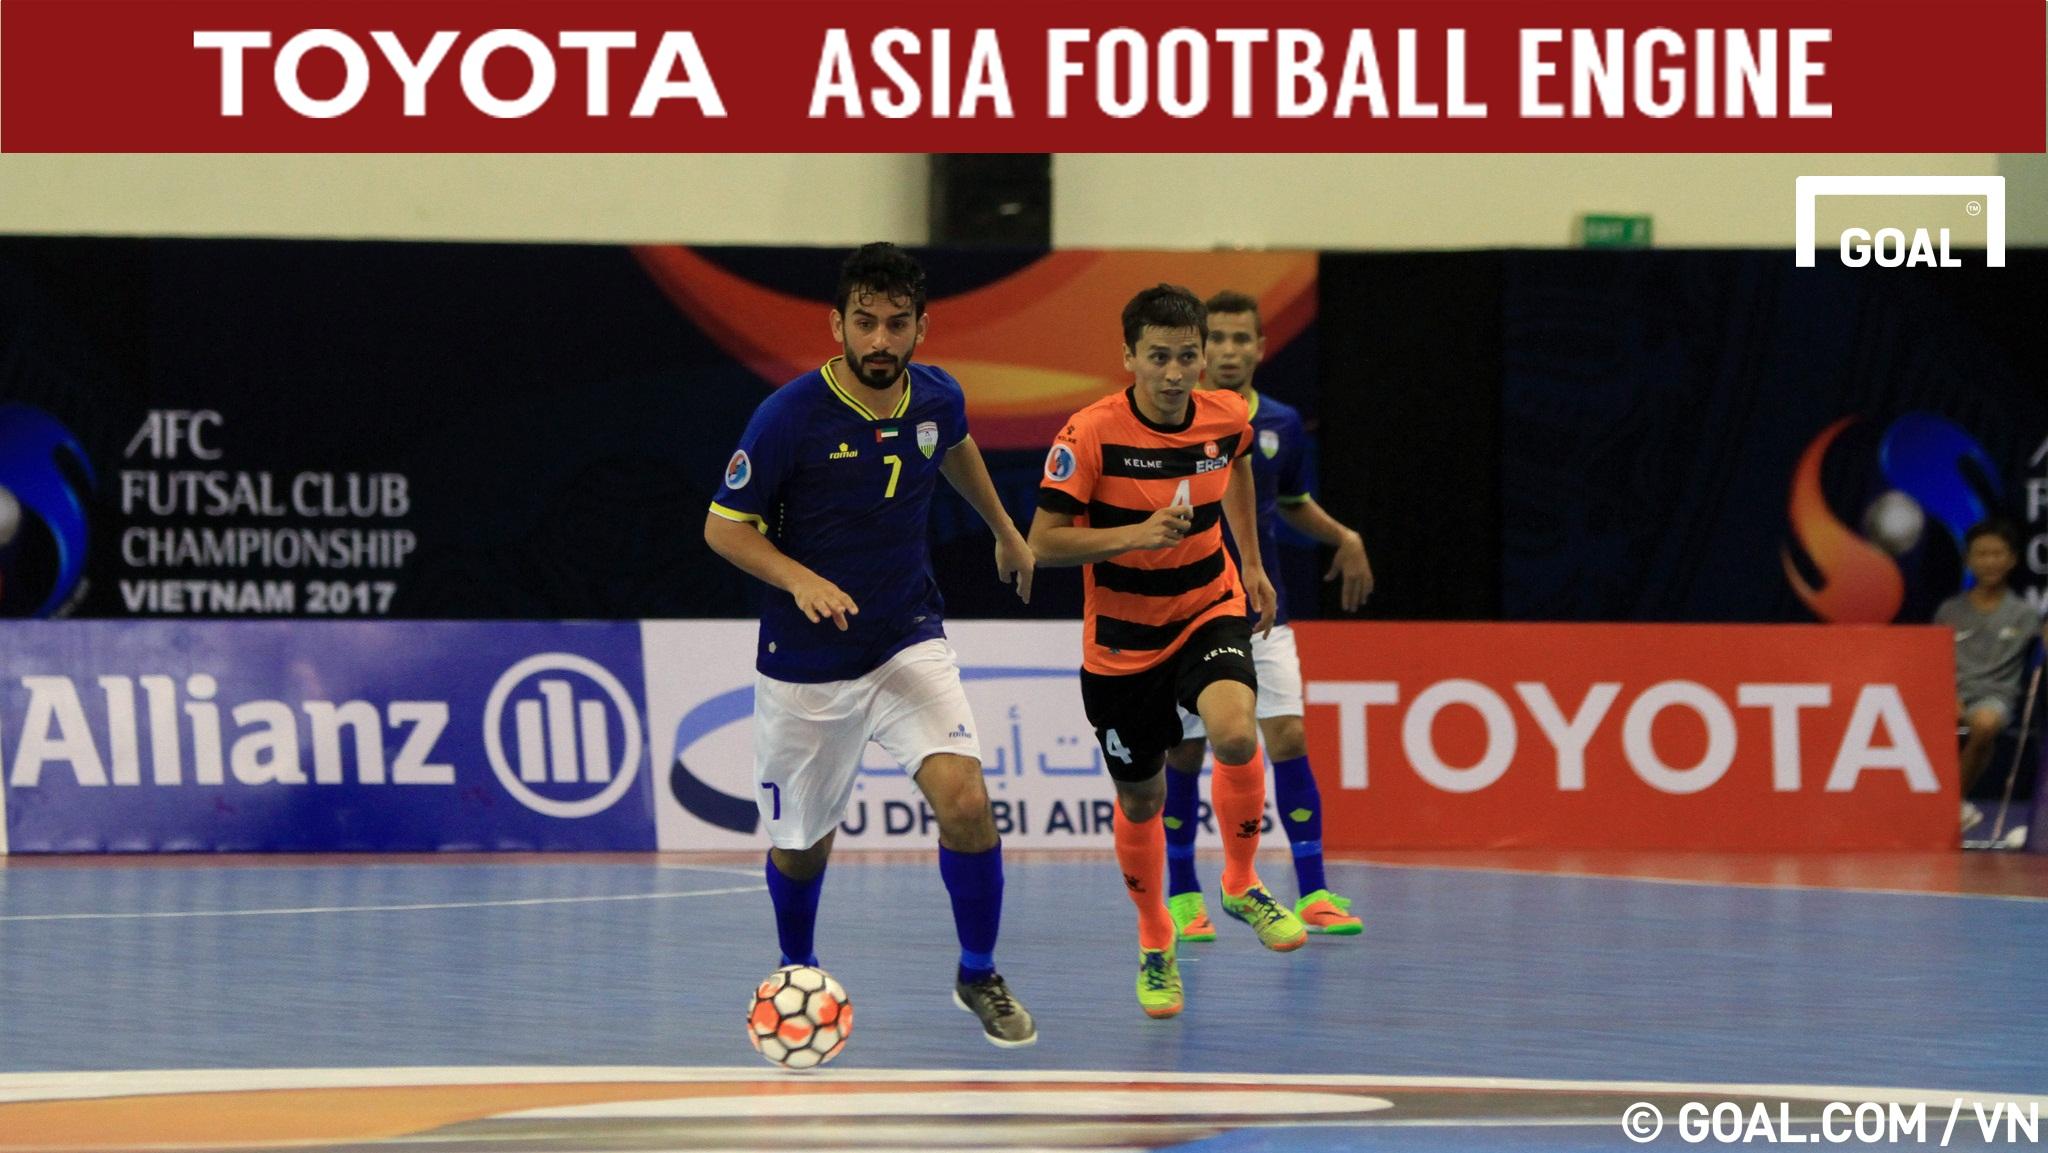 2017 AFC Futsal Club Championship | Erem (Kyrgyzstan) 0-4 Al Dhafra (UAE)